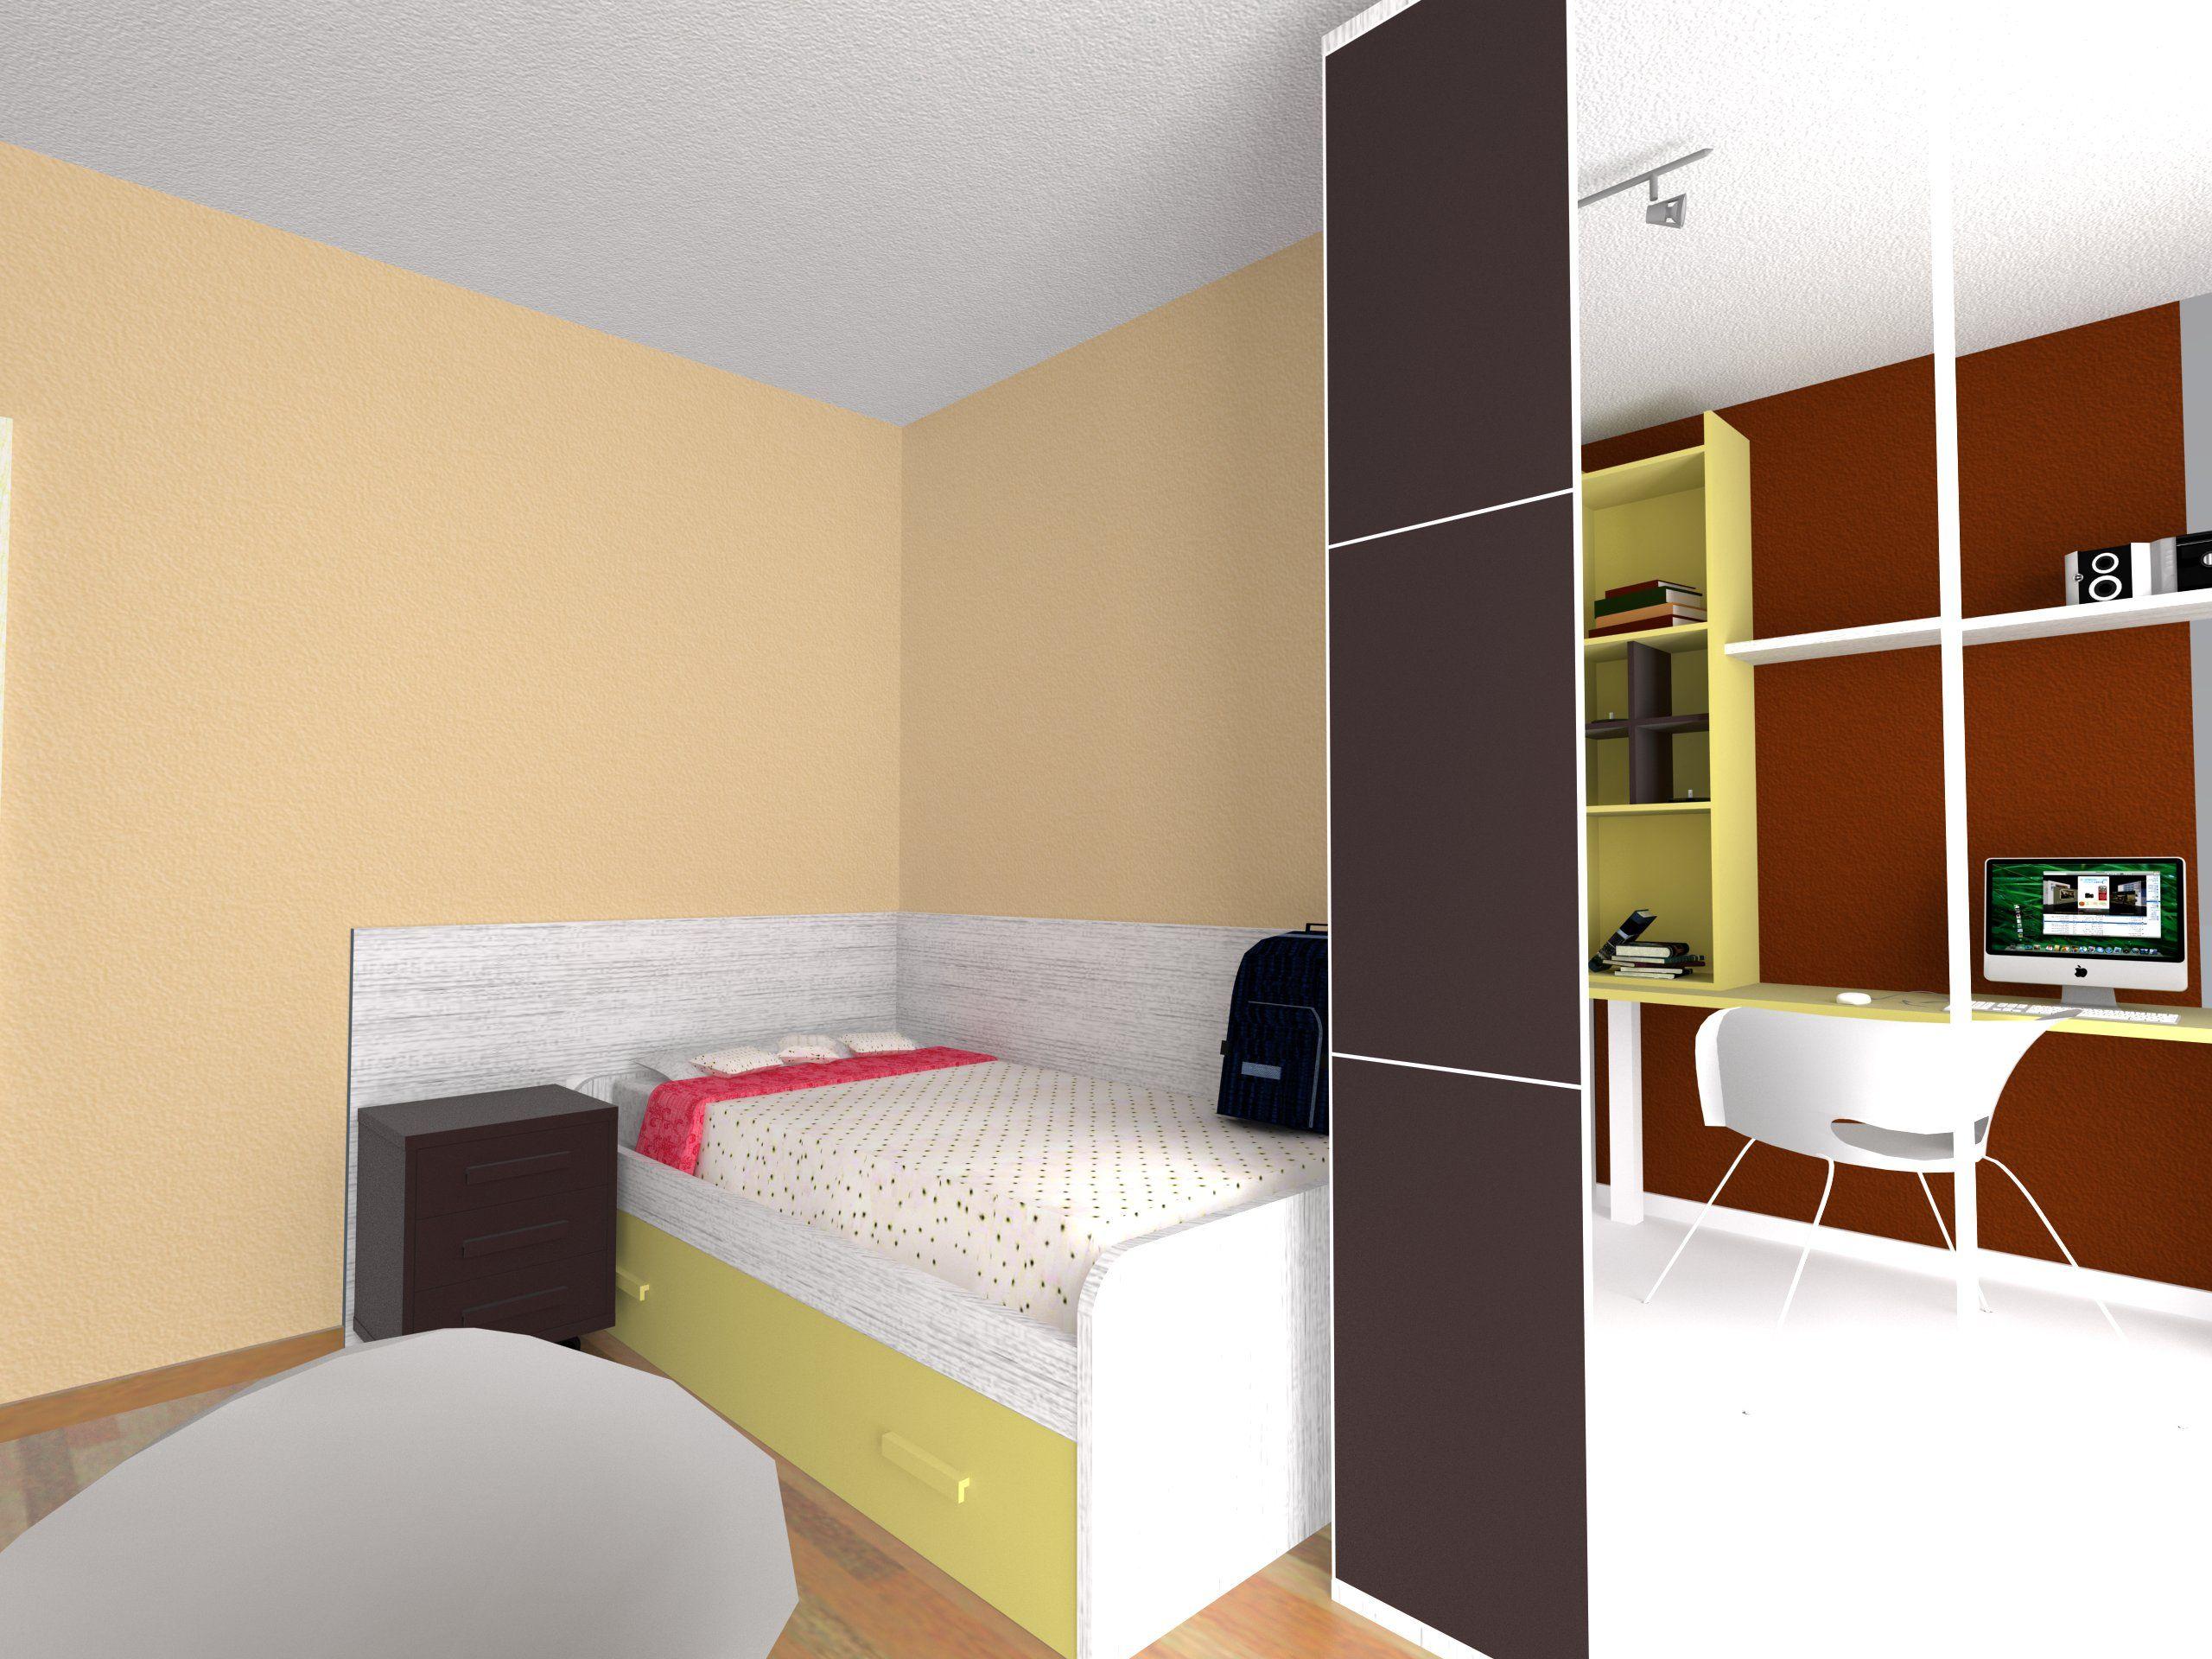 Dise o de habitaci n juvenil en color beig y moka for Programa diseno habitacion juvenil